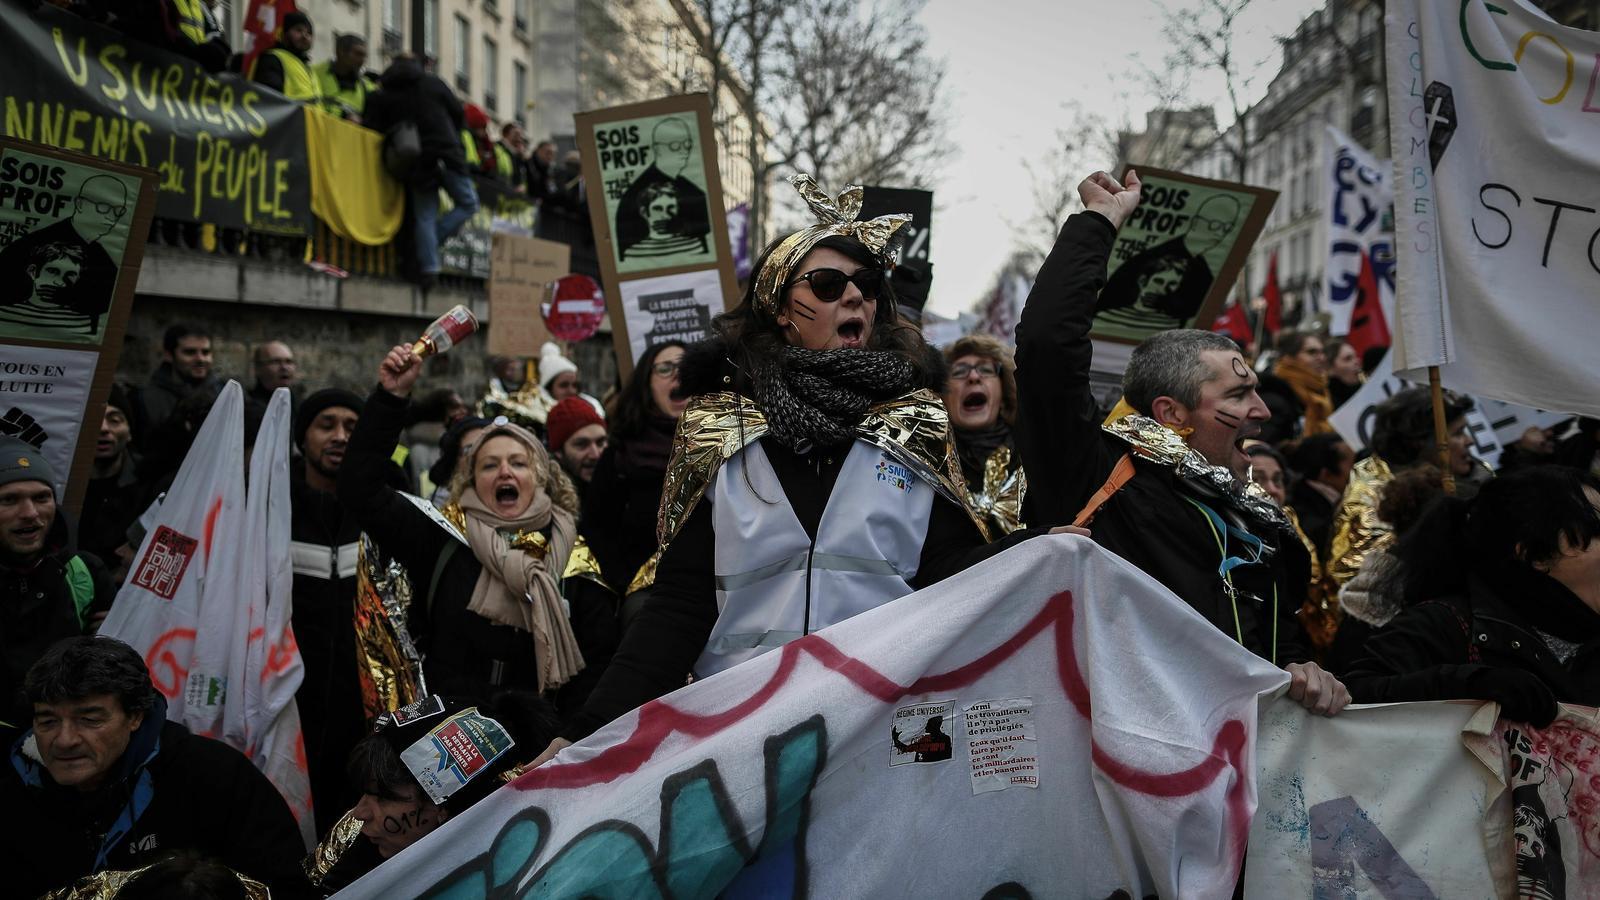 Manifestants amb mantes de supervivència criden consignes mentre participen en la manifestació contra les reformes de pensions a París